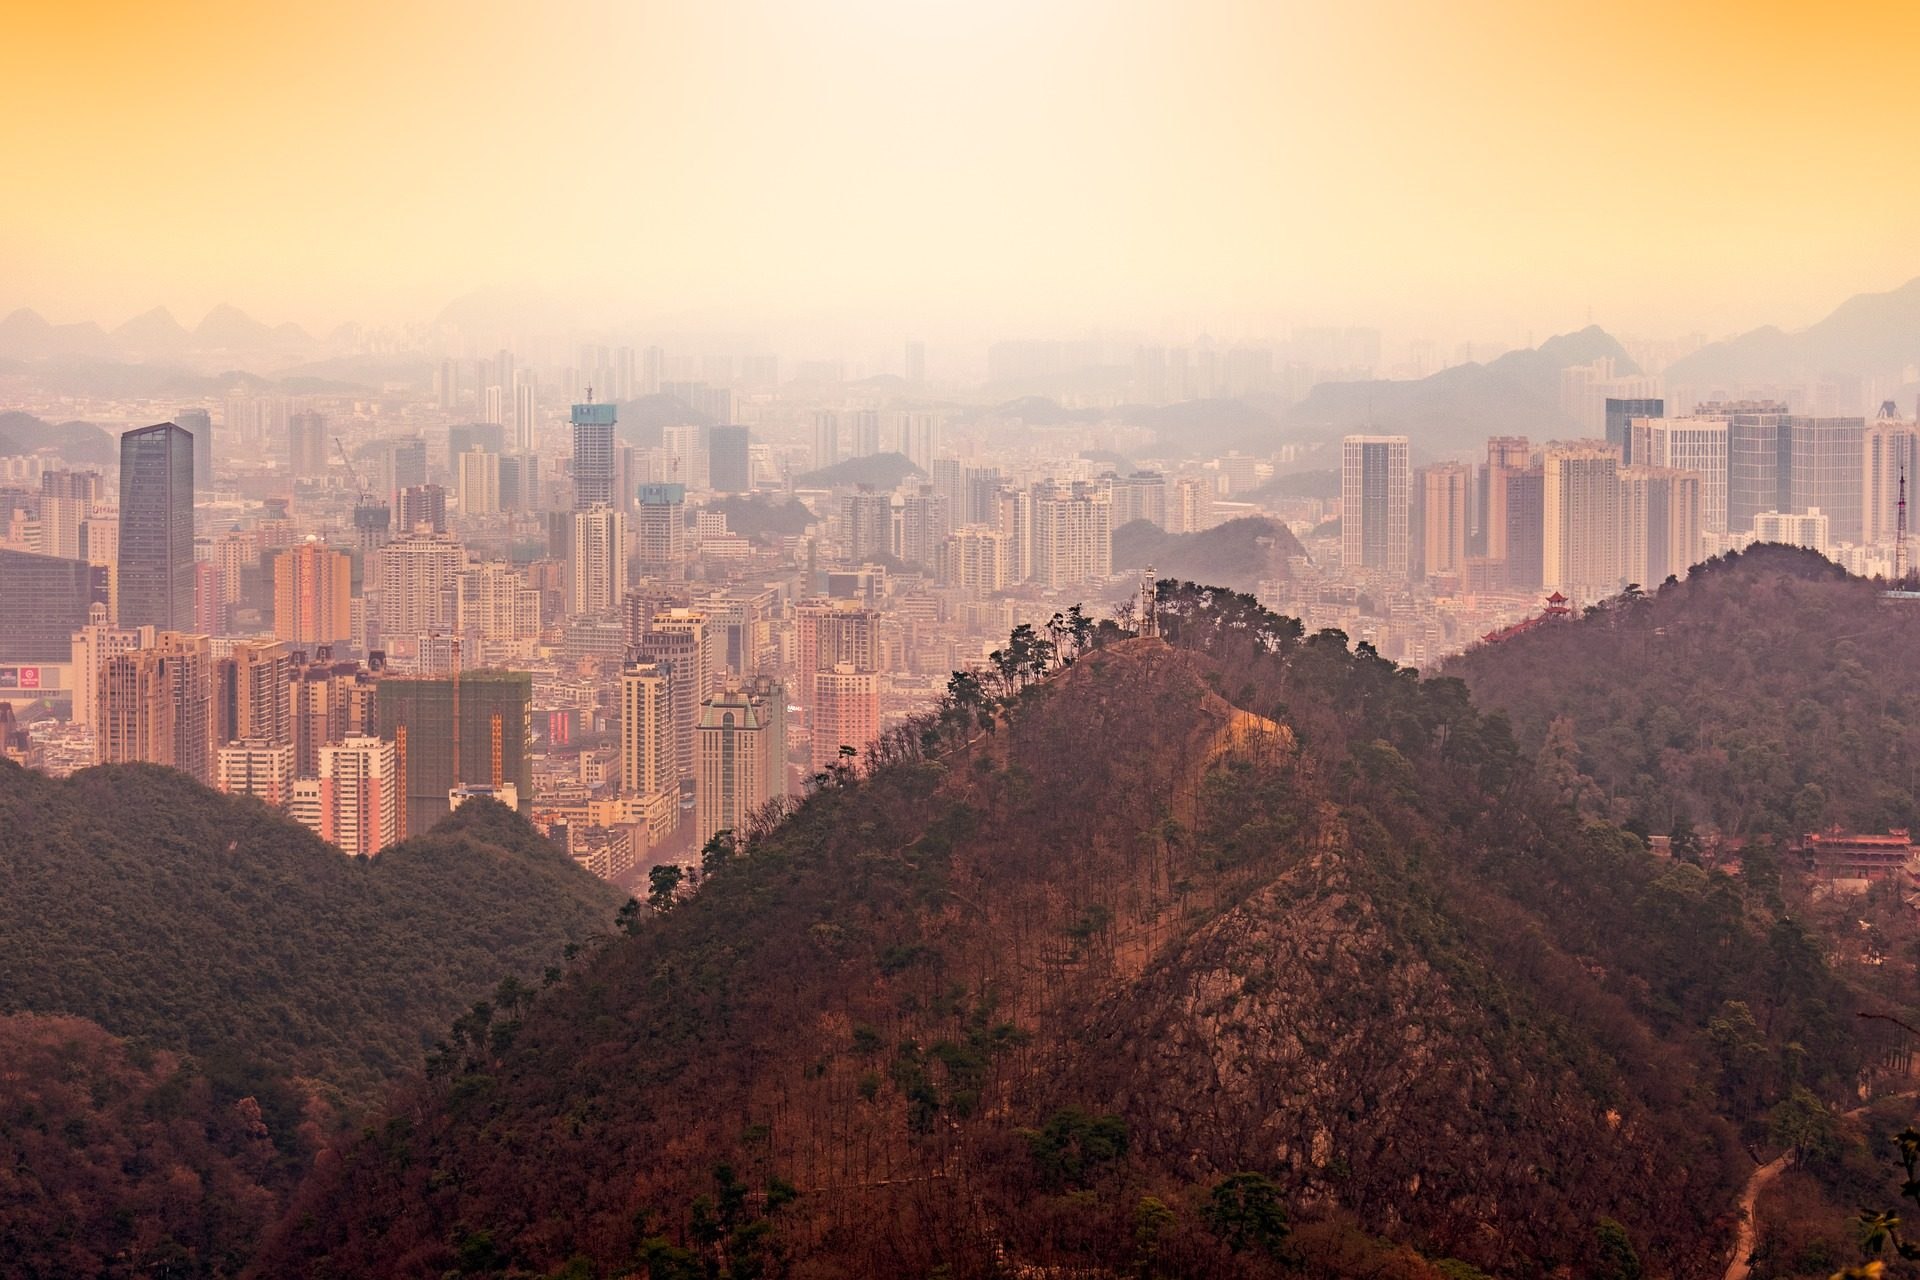 Cidade, edifícios, arranha-céu, montañas, árvores, Guiyang - Papéis de parede HD - Professor-falken.com